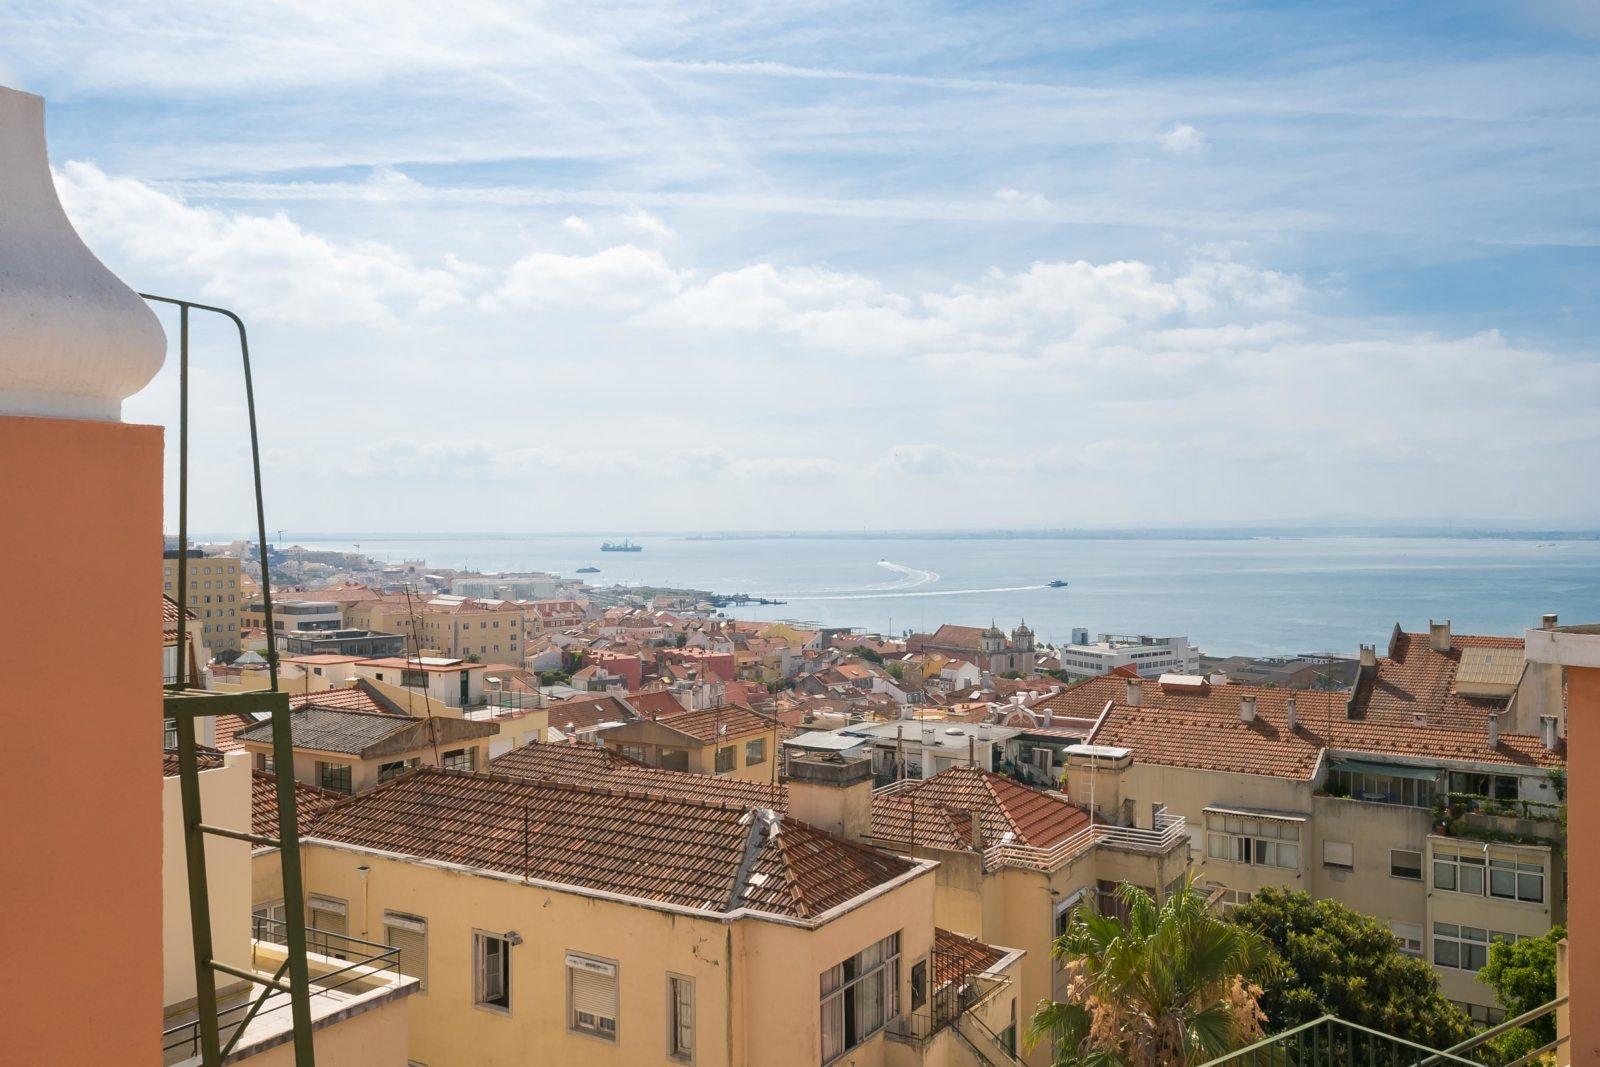 villa-quartier-lapa-a-vendre-vue-ville-mer-terrassesvilla-quartier-lapa-a-vendre-vue-ville-mer-terrasses